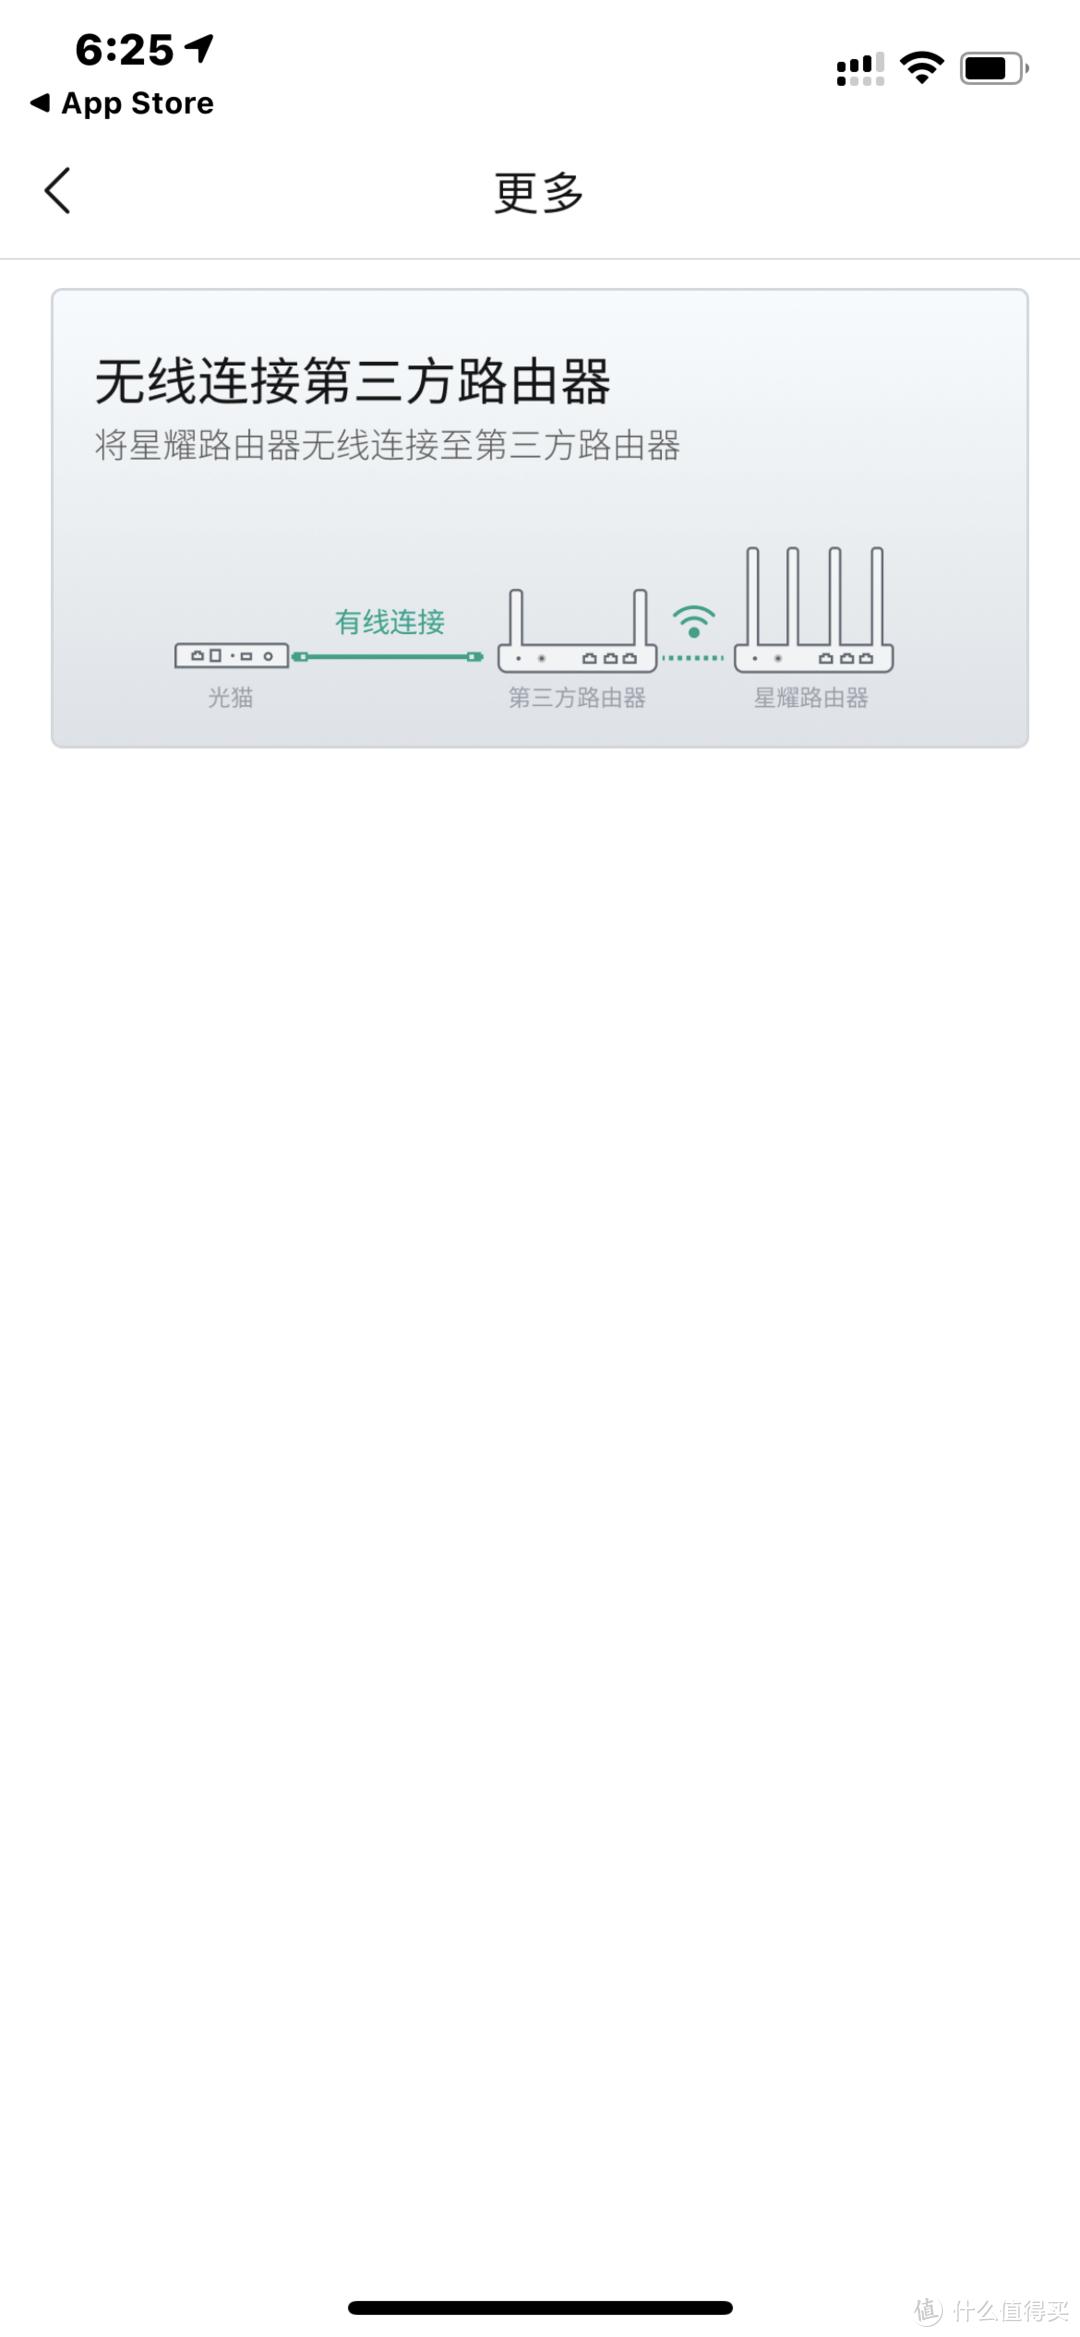 锐捷星耀M32 wifi6与Mesh,全屋覆盖好选择